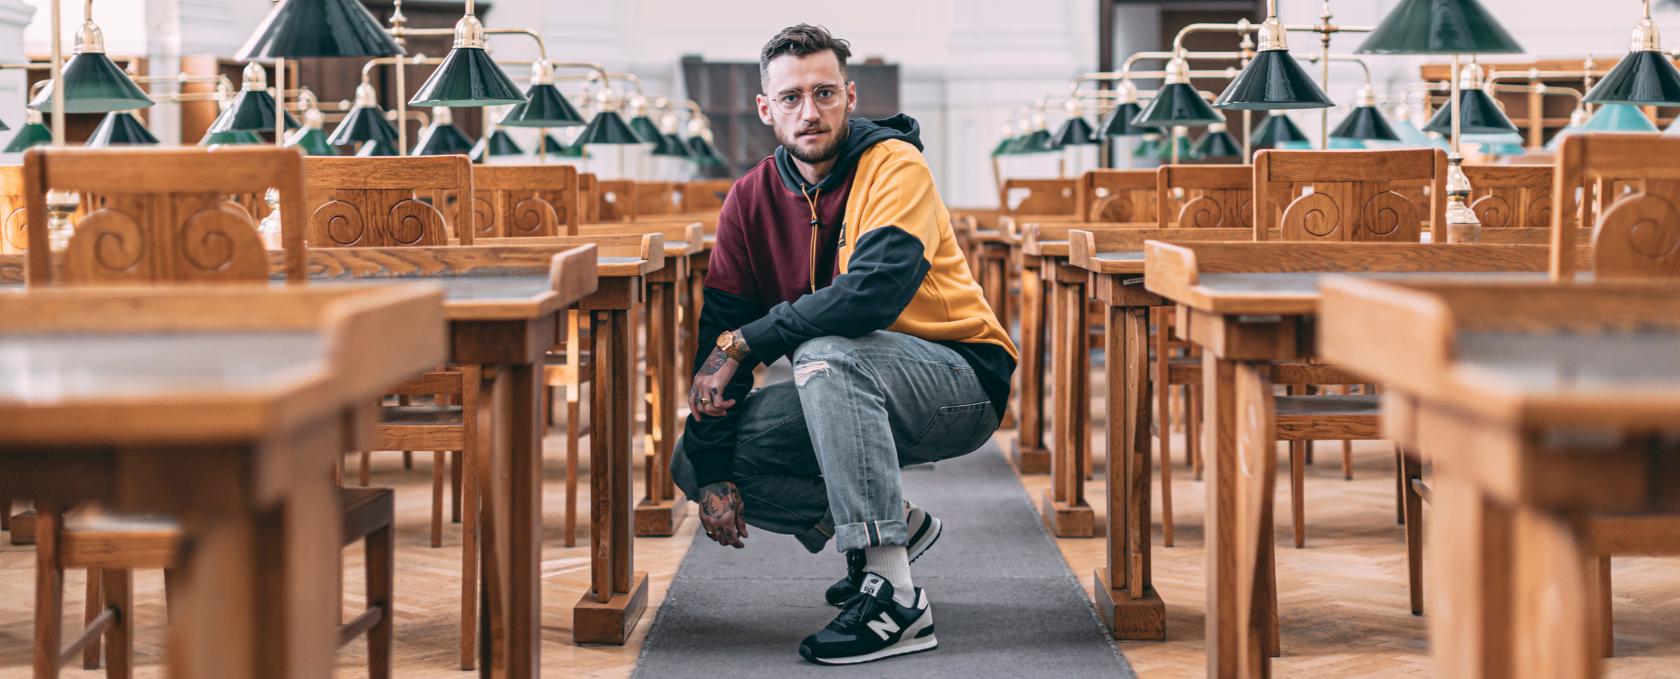 Buty powstałe z inspiracji dobrym stylem, designem i komfortem - New Balance 574